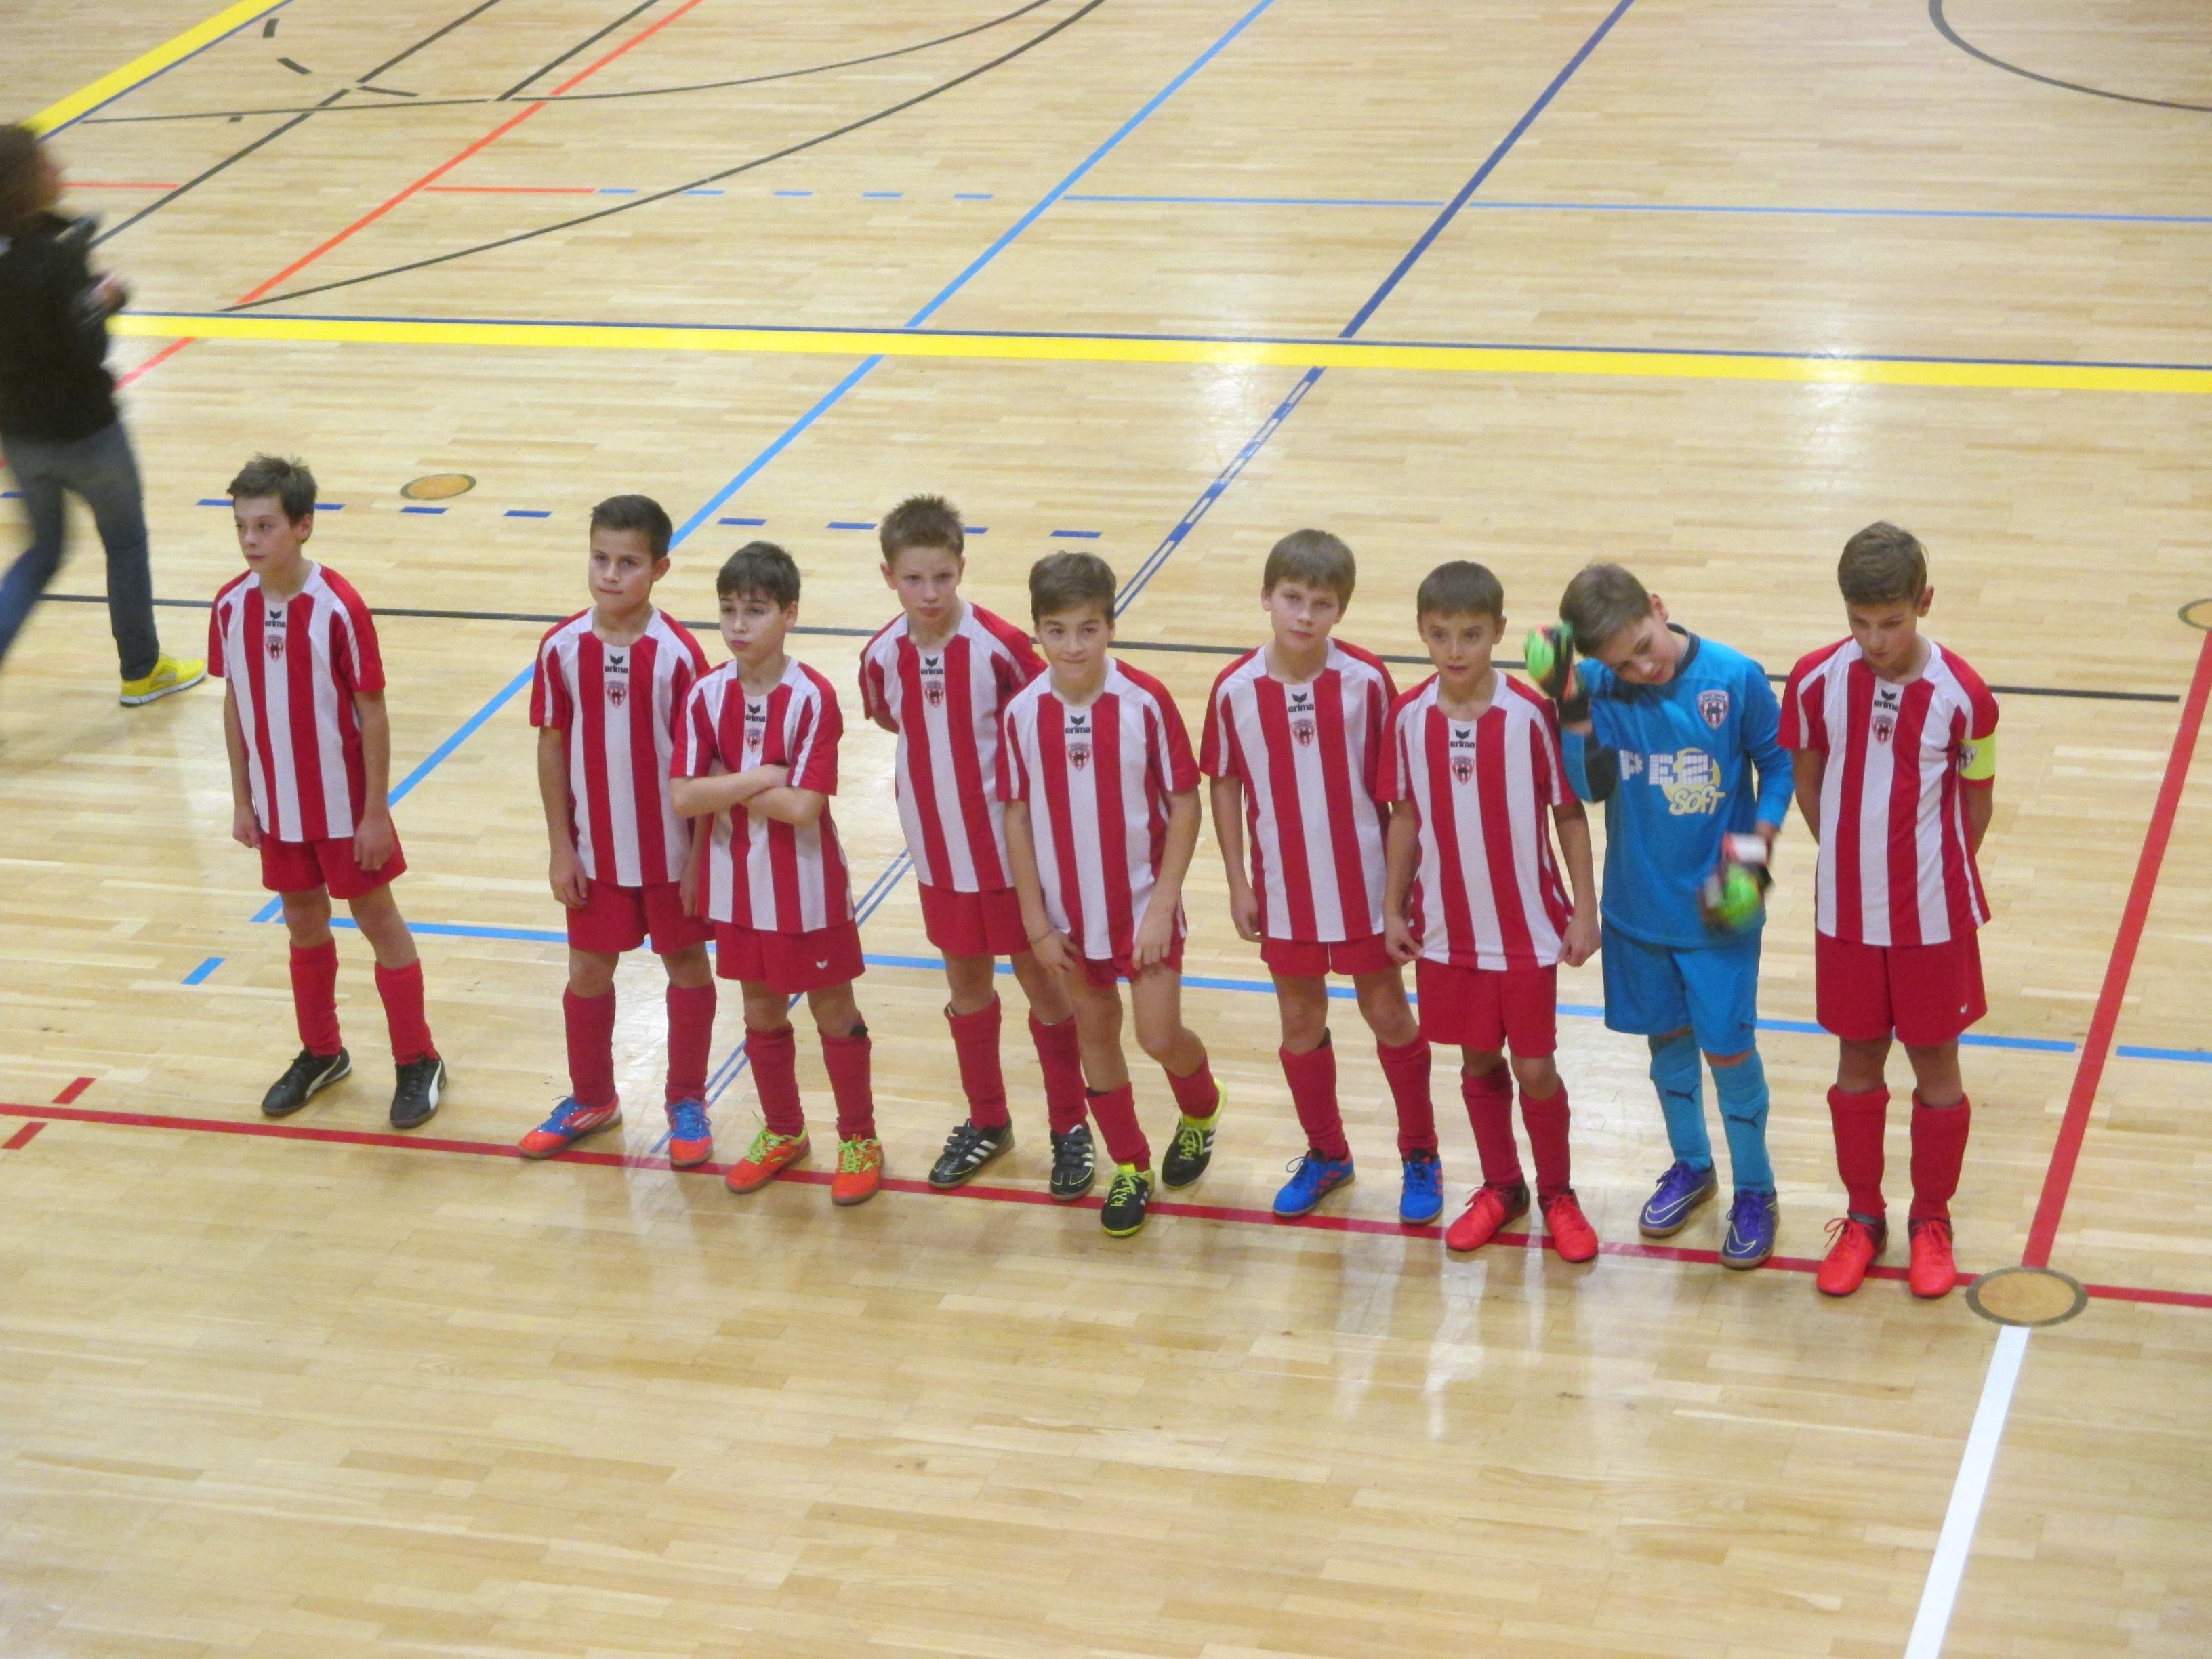 U12 - Fußballturniere in Perg und Freistadt